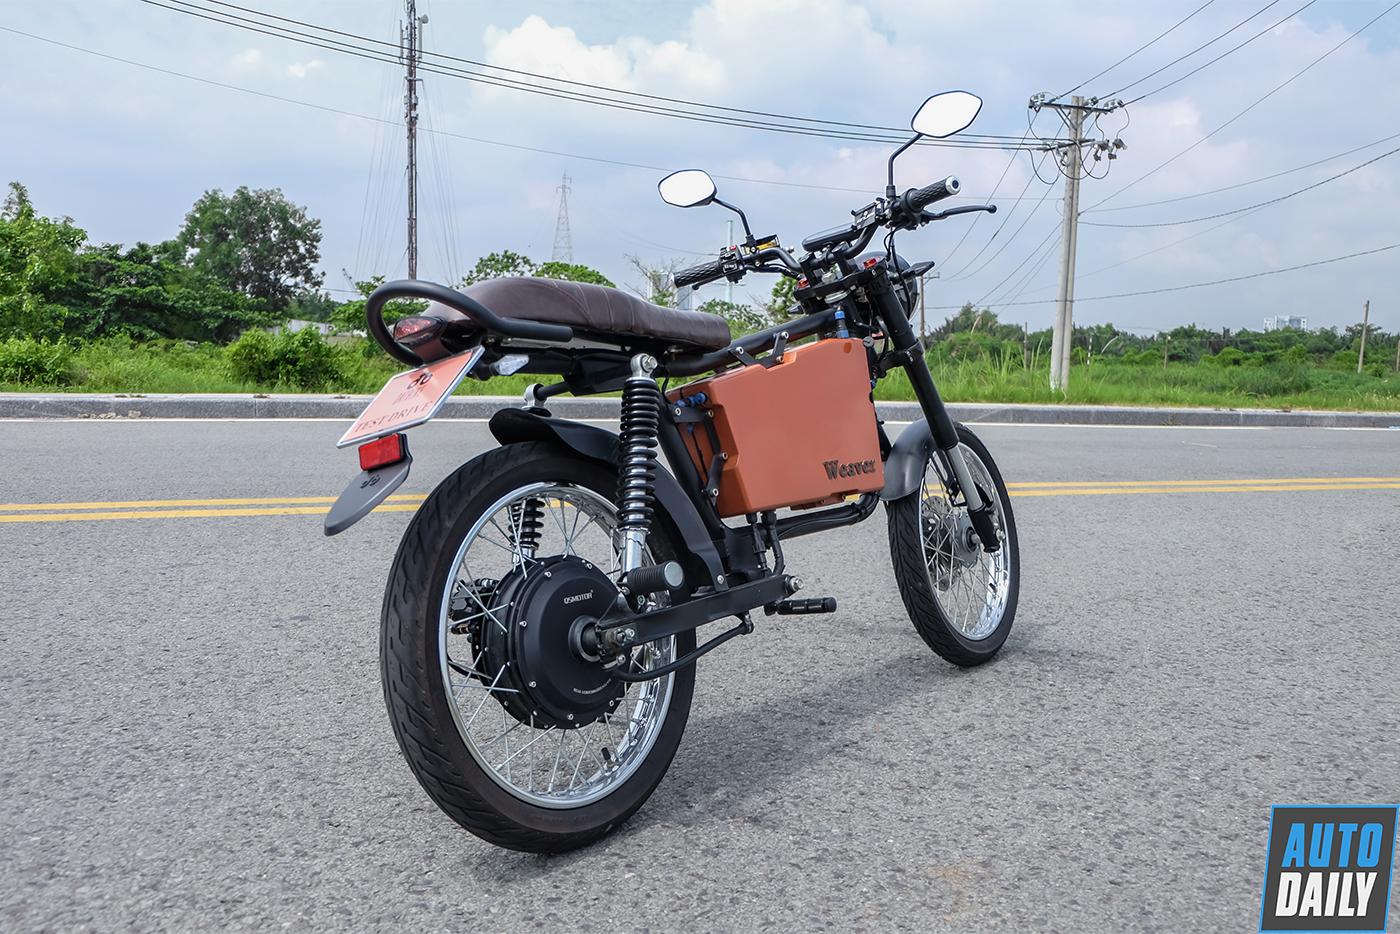 xe-dien-dat-bike-weaver-12.jpg